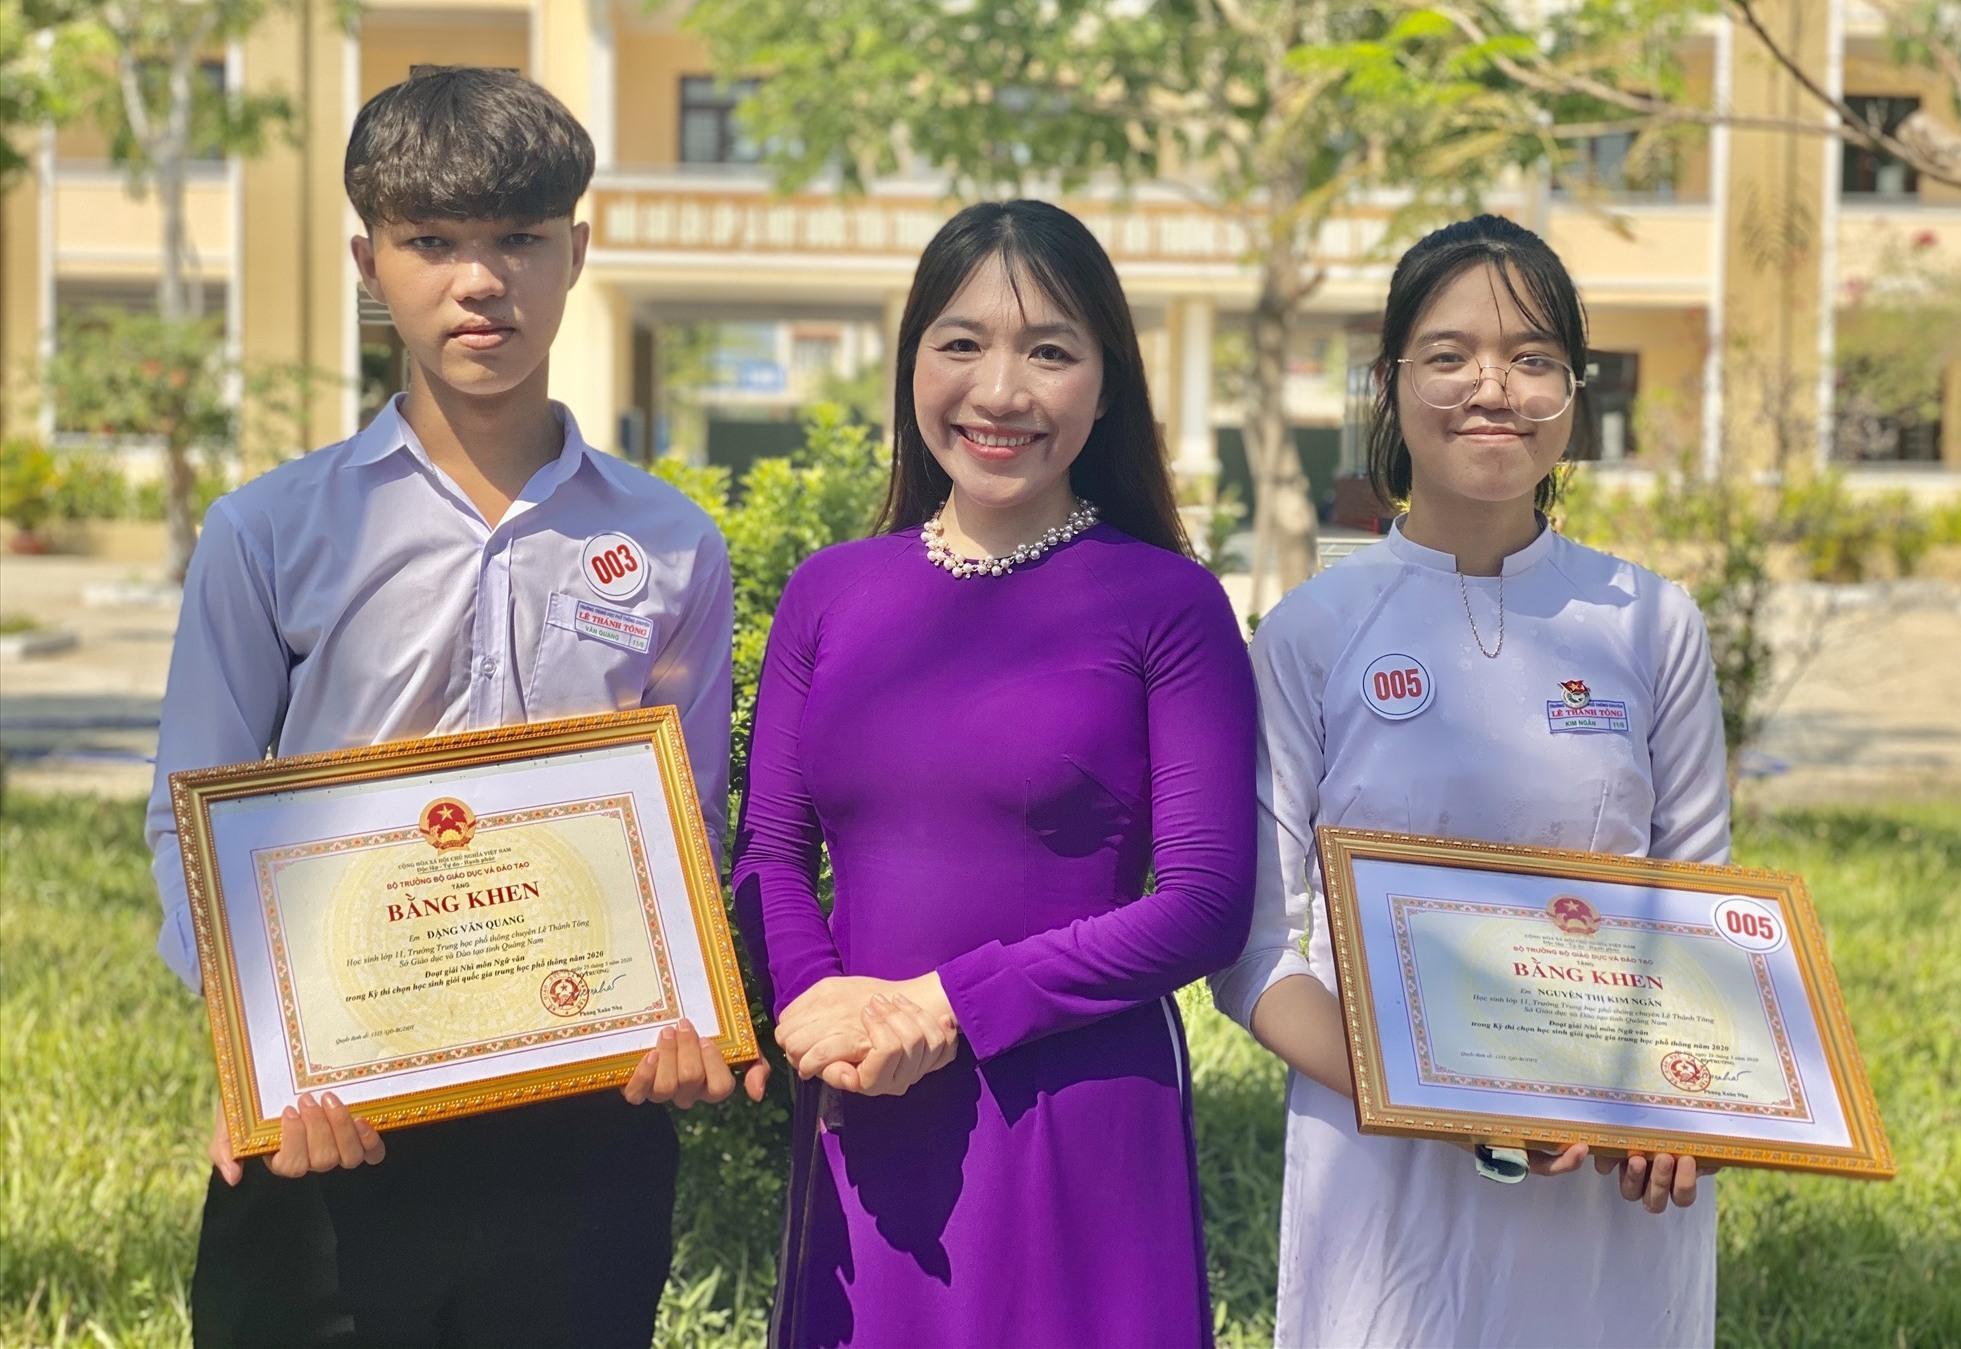 Đặng Văn Quang, Nguyễn Thị Kim Ngân và cô giáo chủ nhiệm trong ngày bế giảng năm học 2019 -2020. Ảnh: N.T